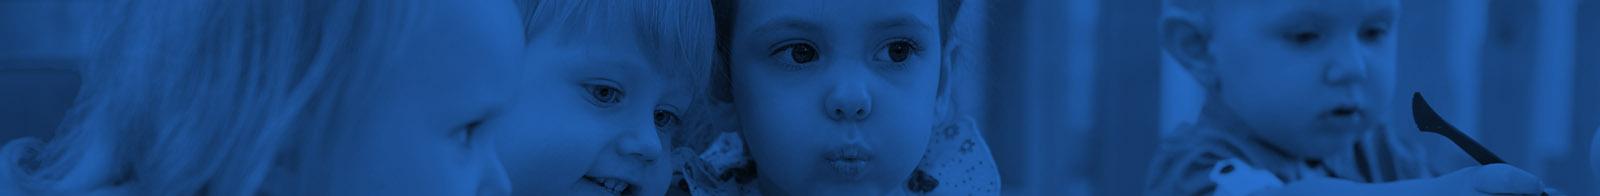 """Baby Erasmus presenta en Bruselas (Bélgica) su proyecto educativo-lingüístico en varias Instituciones Europeas como ejemplo de """"buena práctica"""" en el aprendizaje precoz de idiomas."""